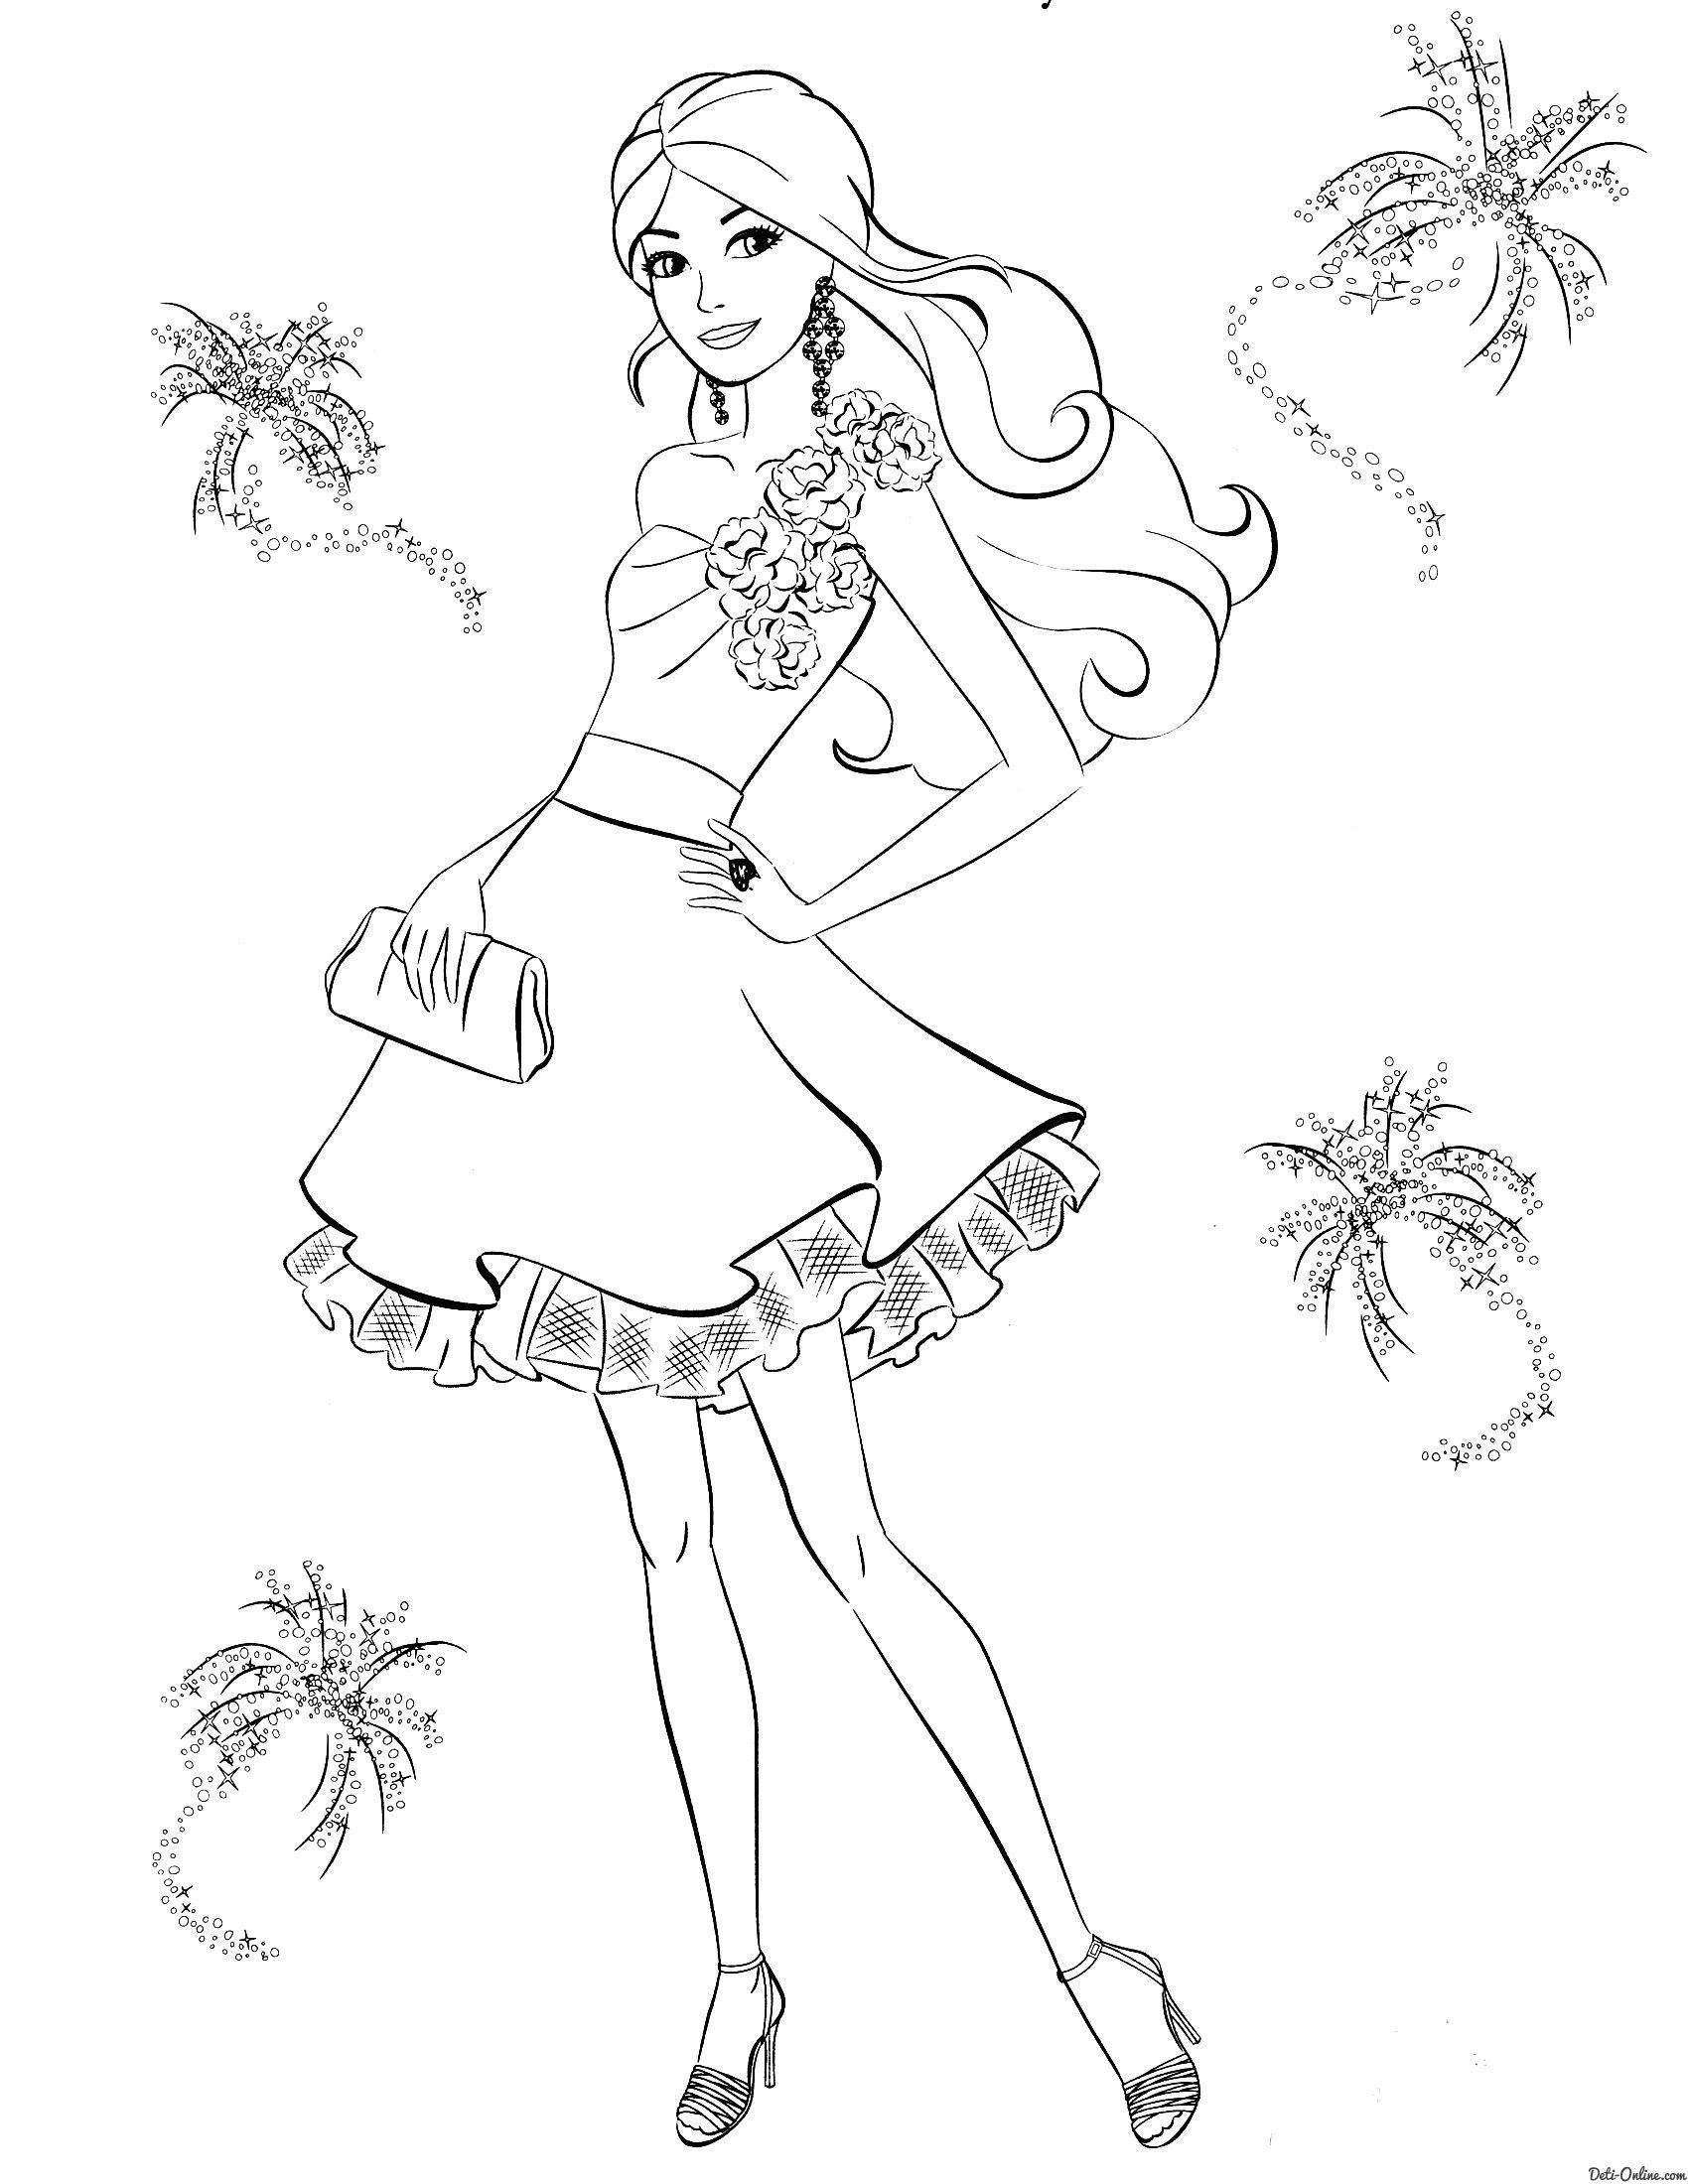 Ausmalbilder Von Barbie :  Ausmalbilder Barbie Pinterest